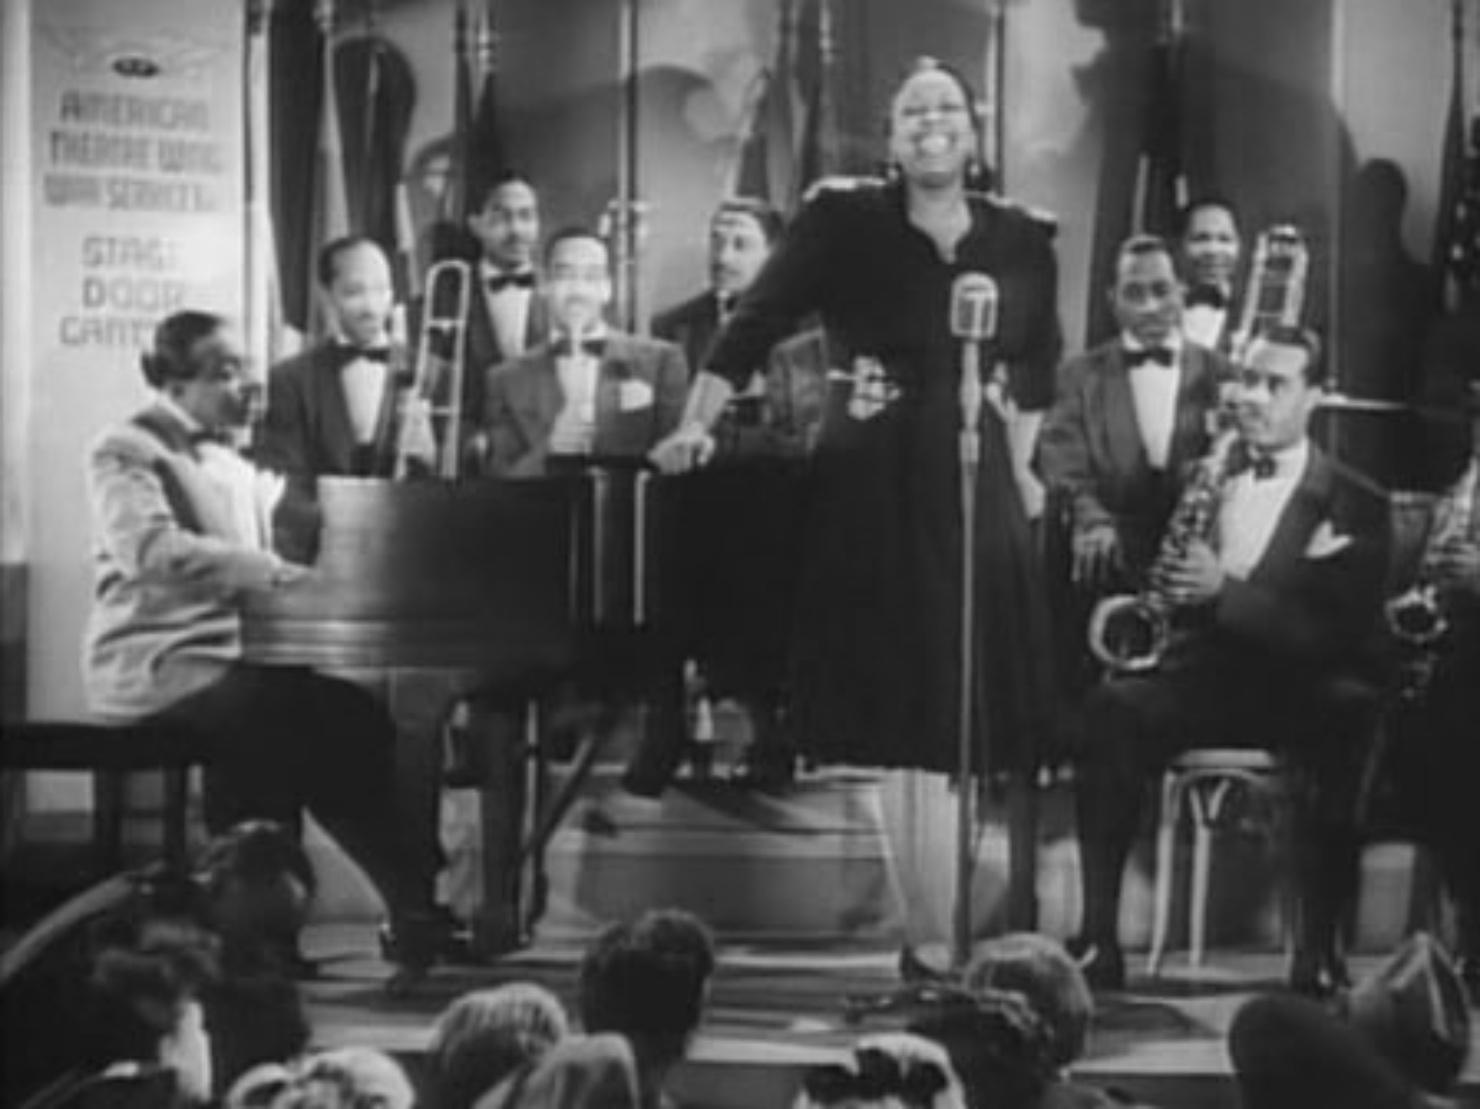 カウント・ベーシー楽団が演奏している写真